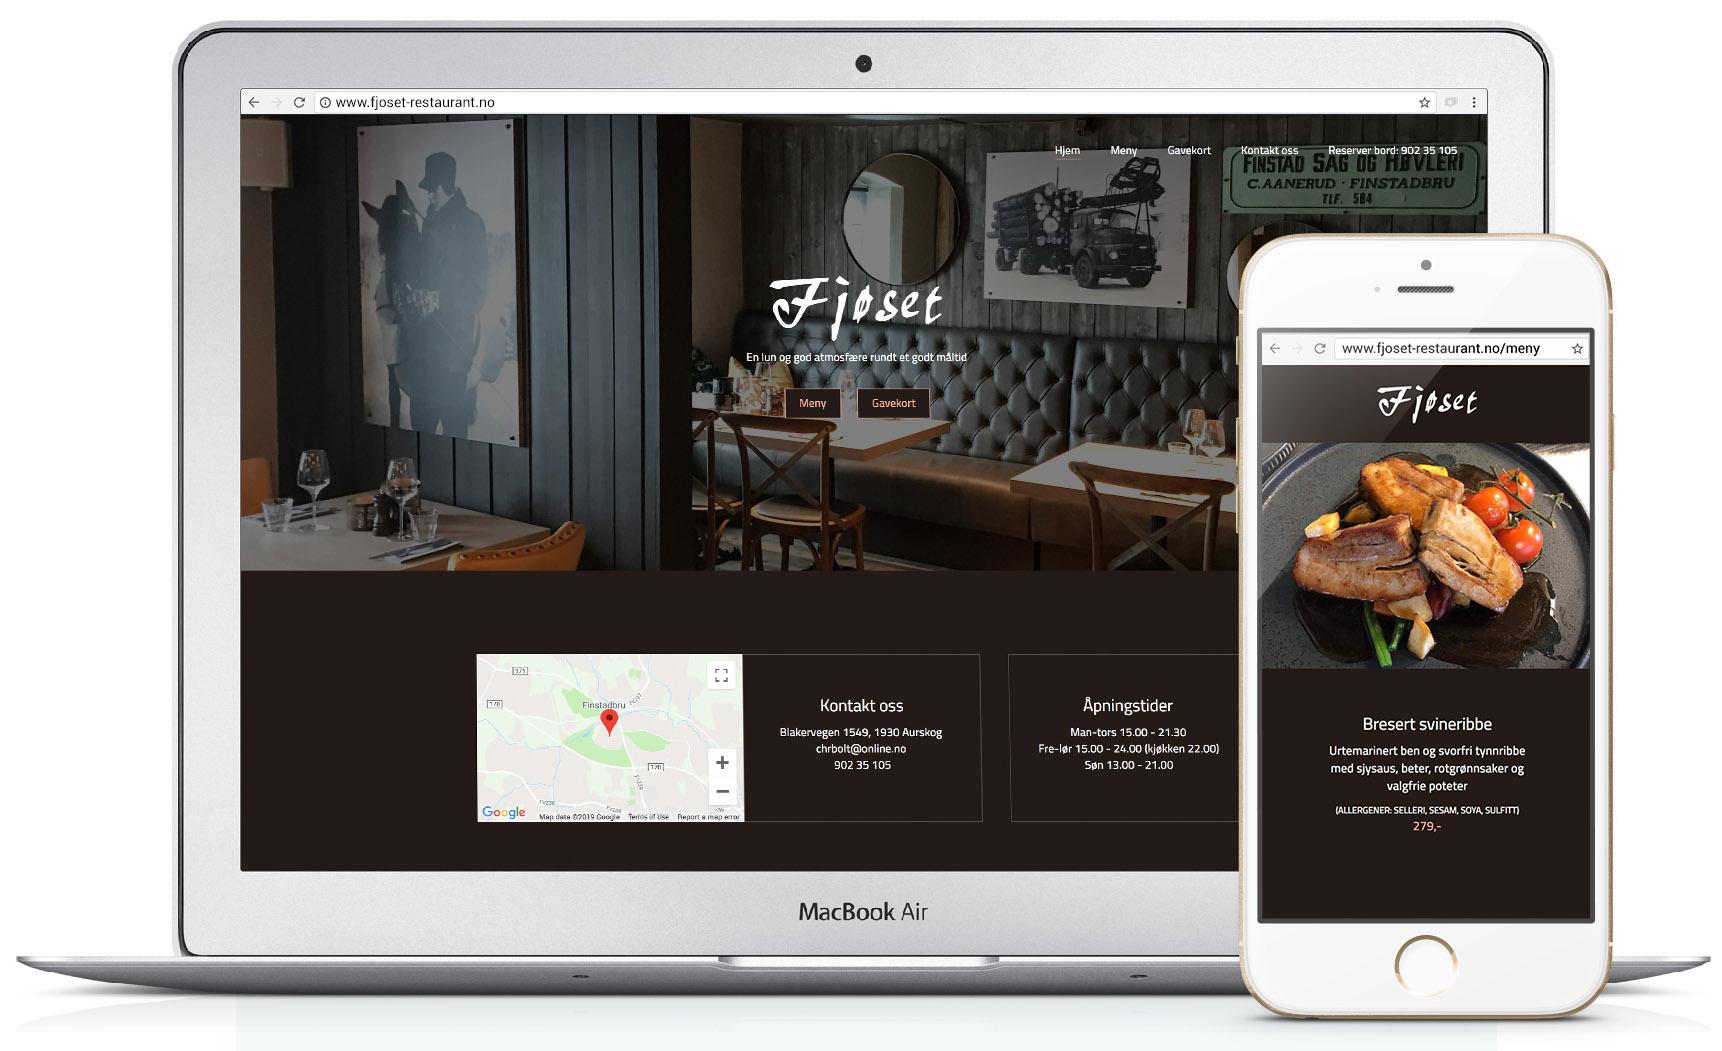 Mockup av nettsiden fjoset-restaurant.no